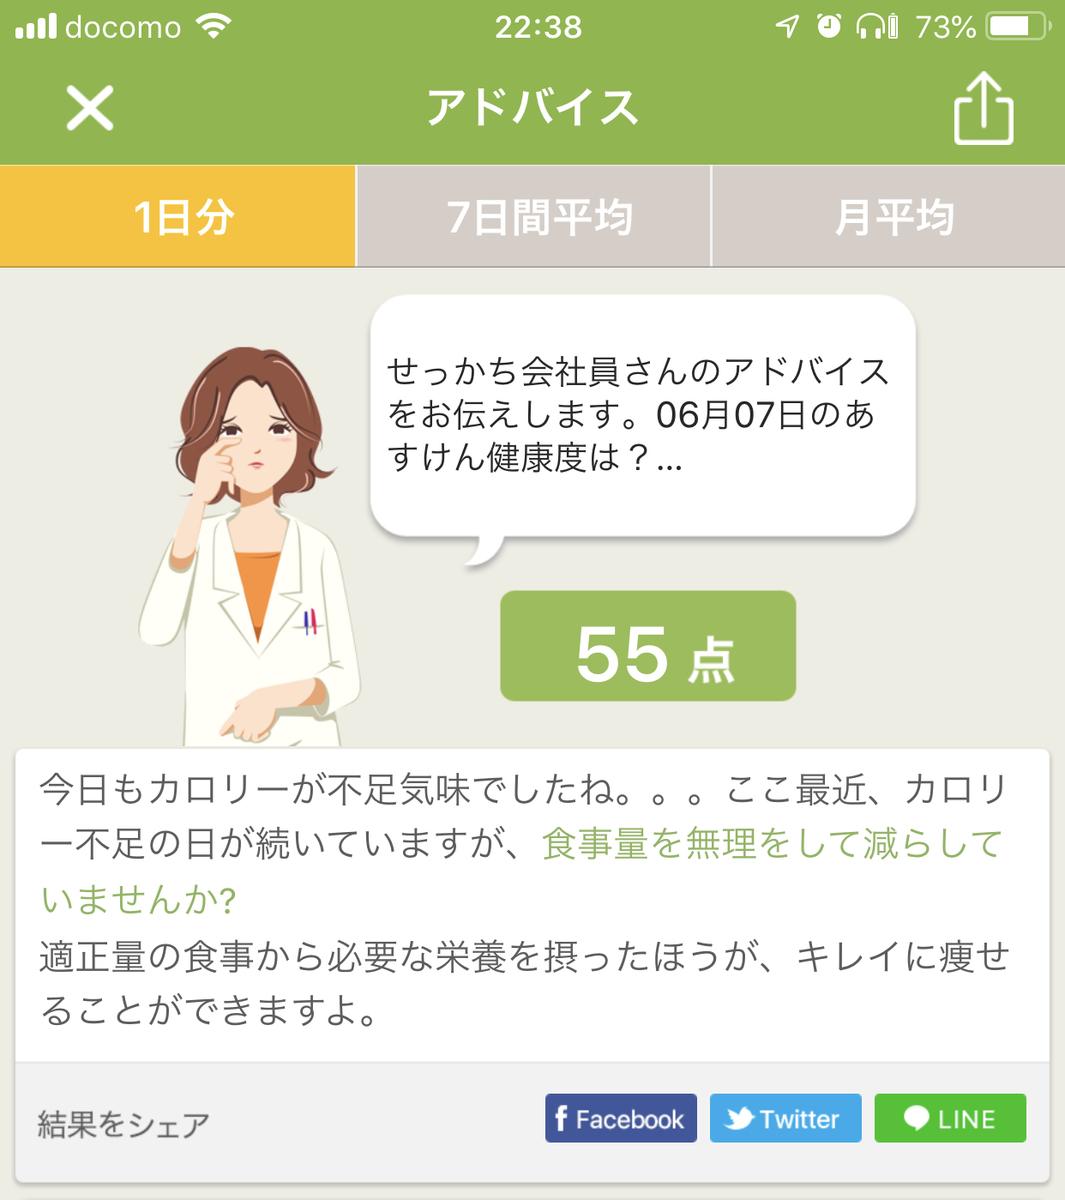 f:id:yuji-hy:20190607224629j:plain